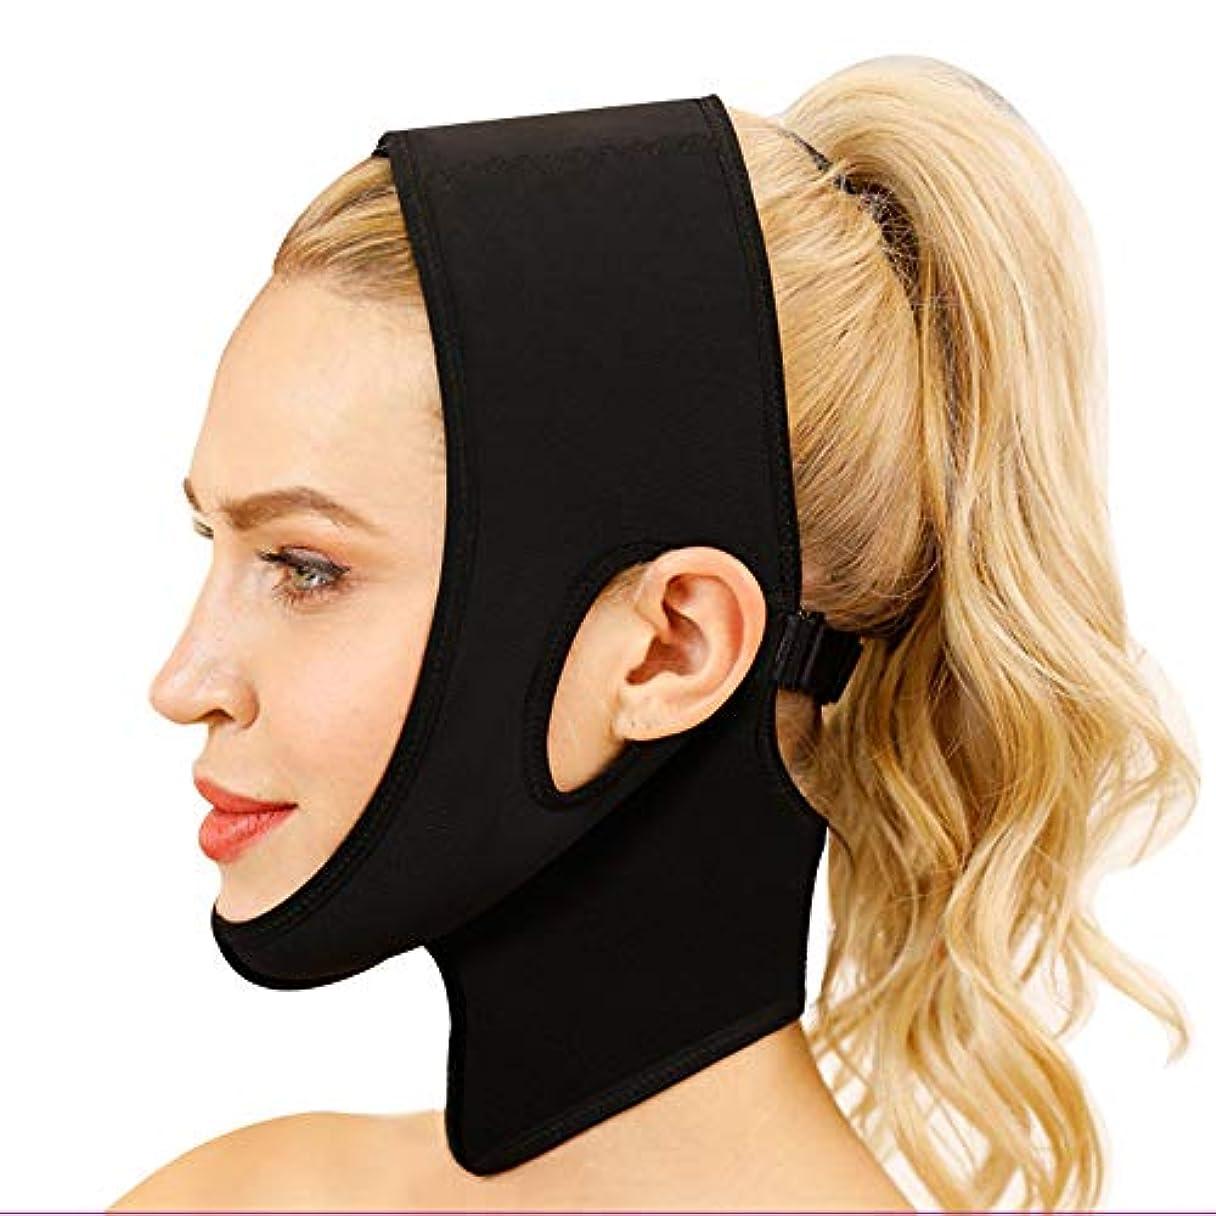 可聴集める構造フェイスリフティングアーティファクト包帯、Vフェイスダブルチンリフティングフェイス引き締めストレッチ弾性成形ライン彫刻マスク(ブラック)